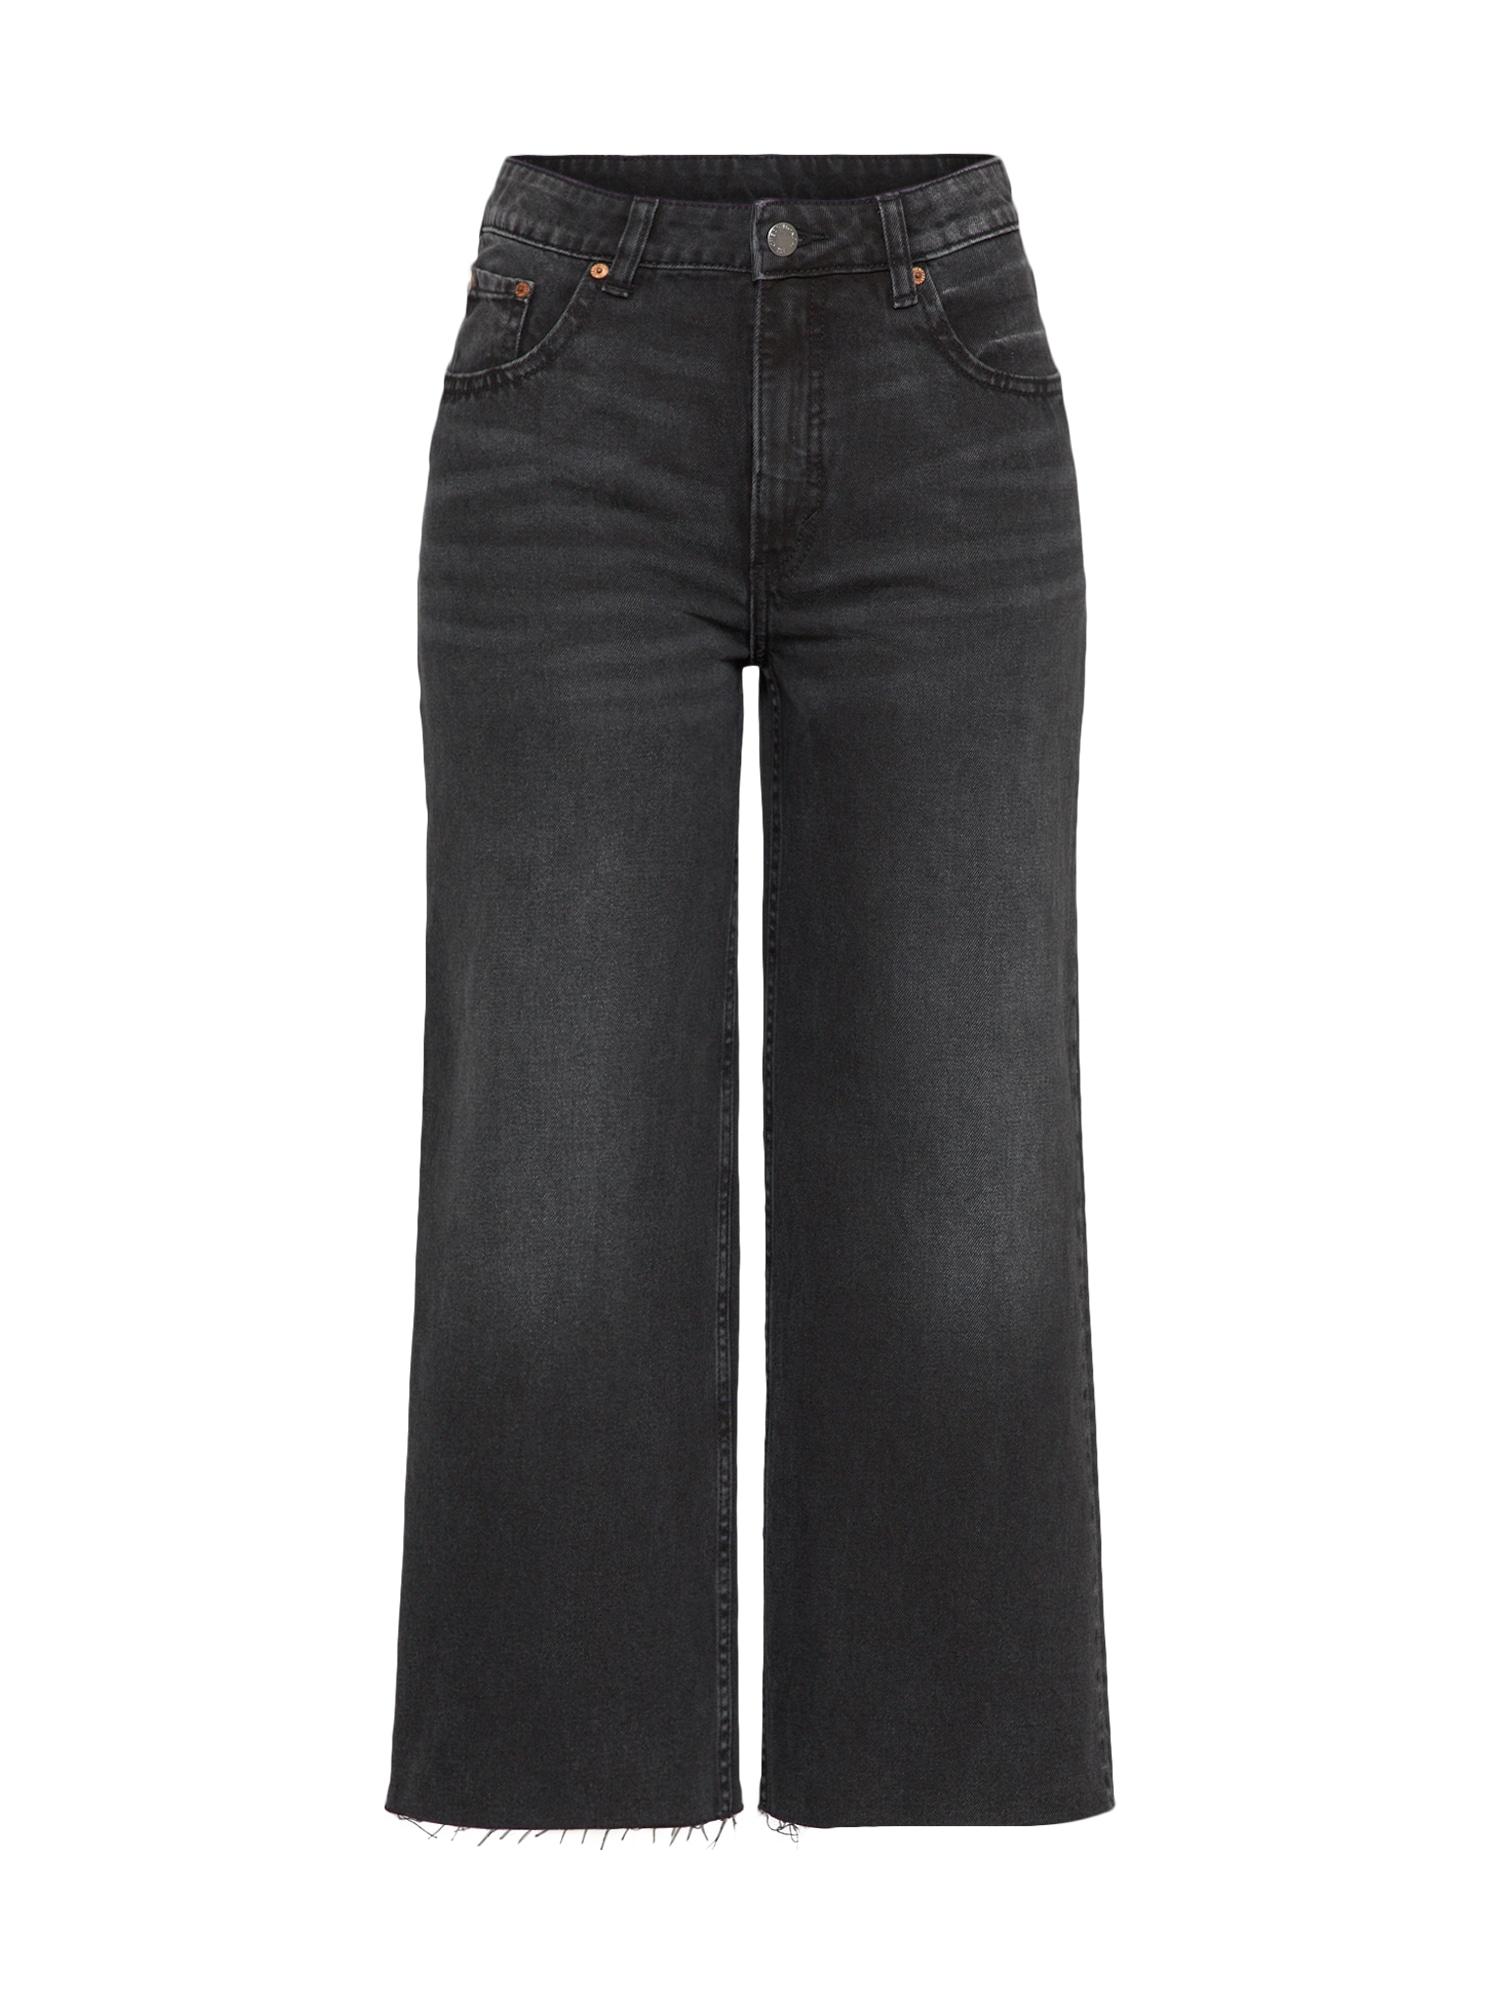 CHEAP MONDAY Dames Jeans Ally zwart